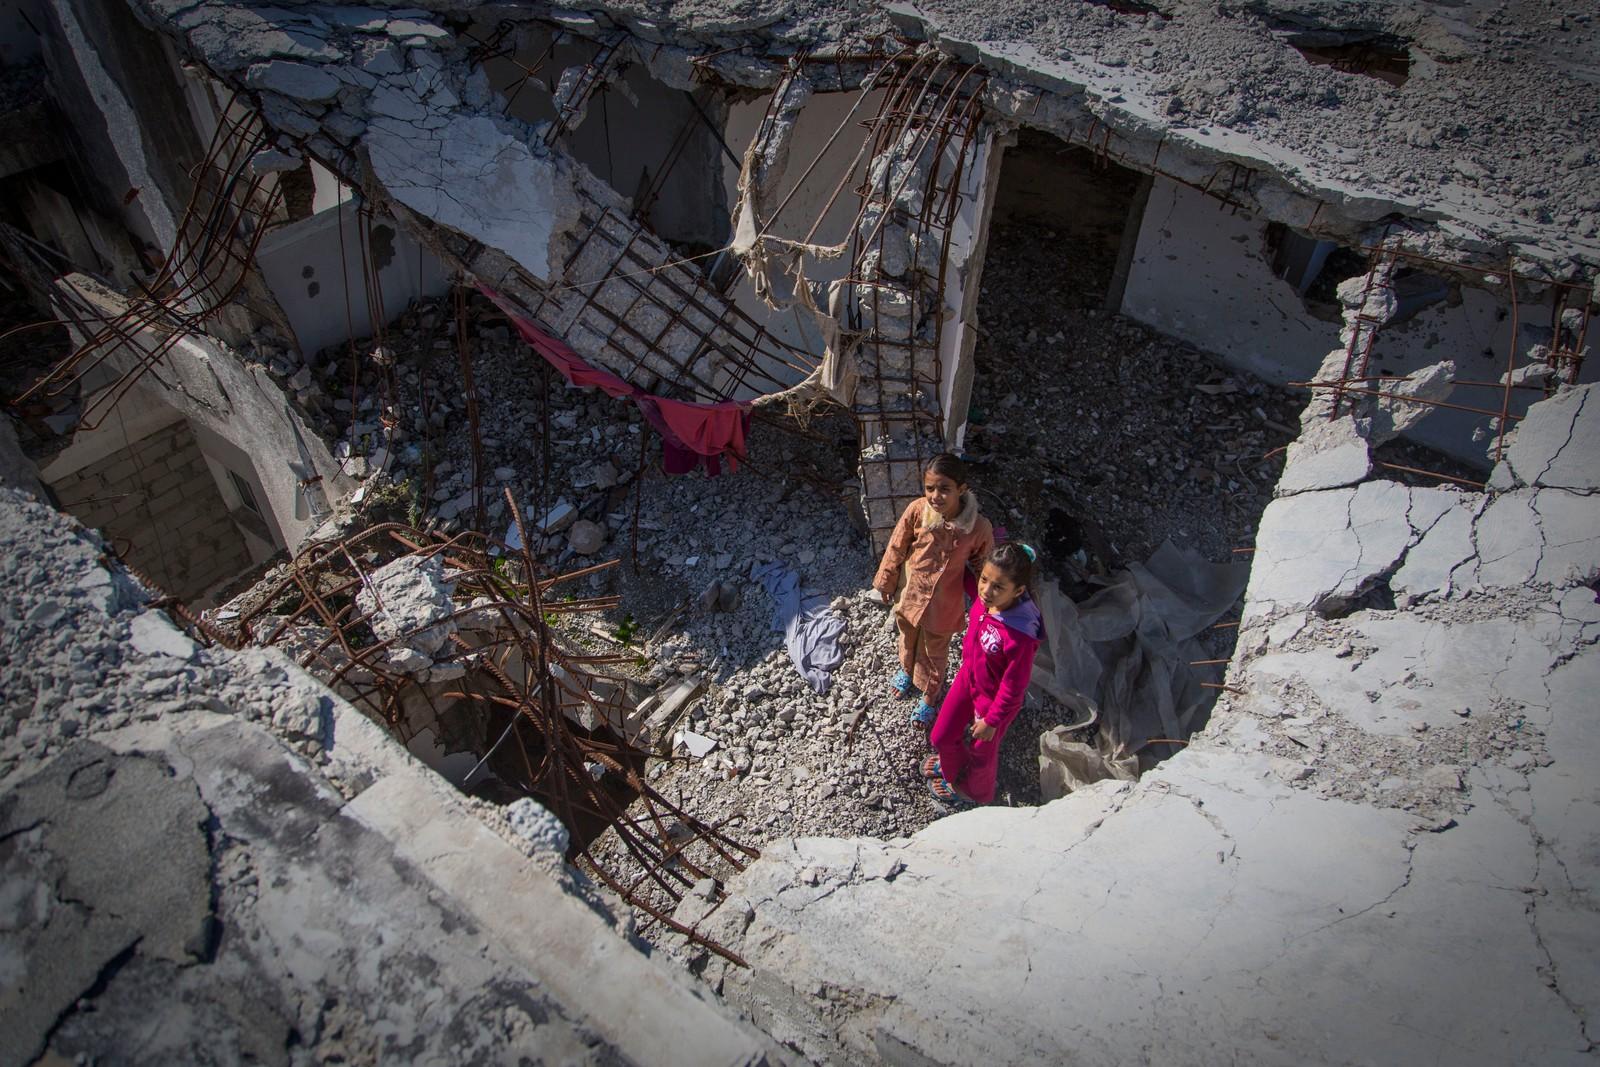 Mange opplevde å få hjemmene ødelagt under krigen mellom Hamas og Israel. Fortsatt gjenstår det mye før de er gjennoppbygd.